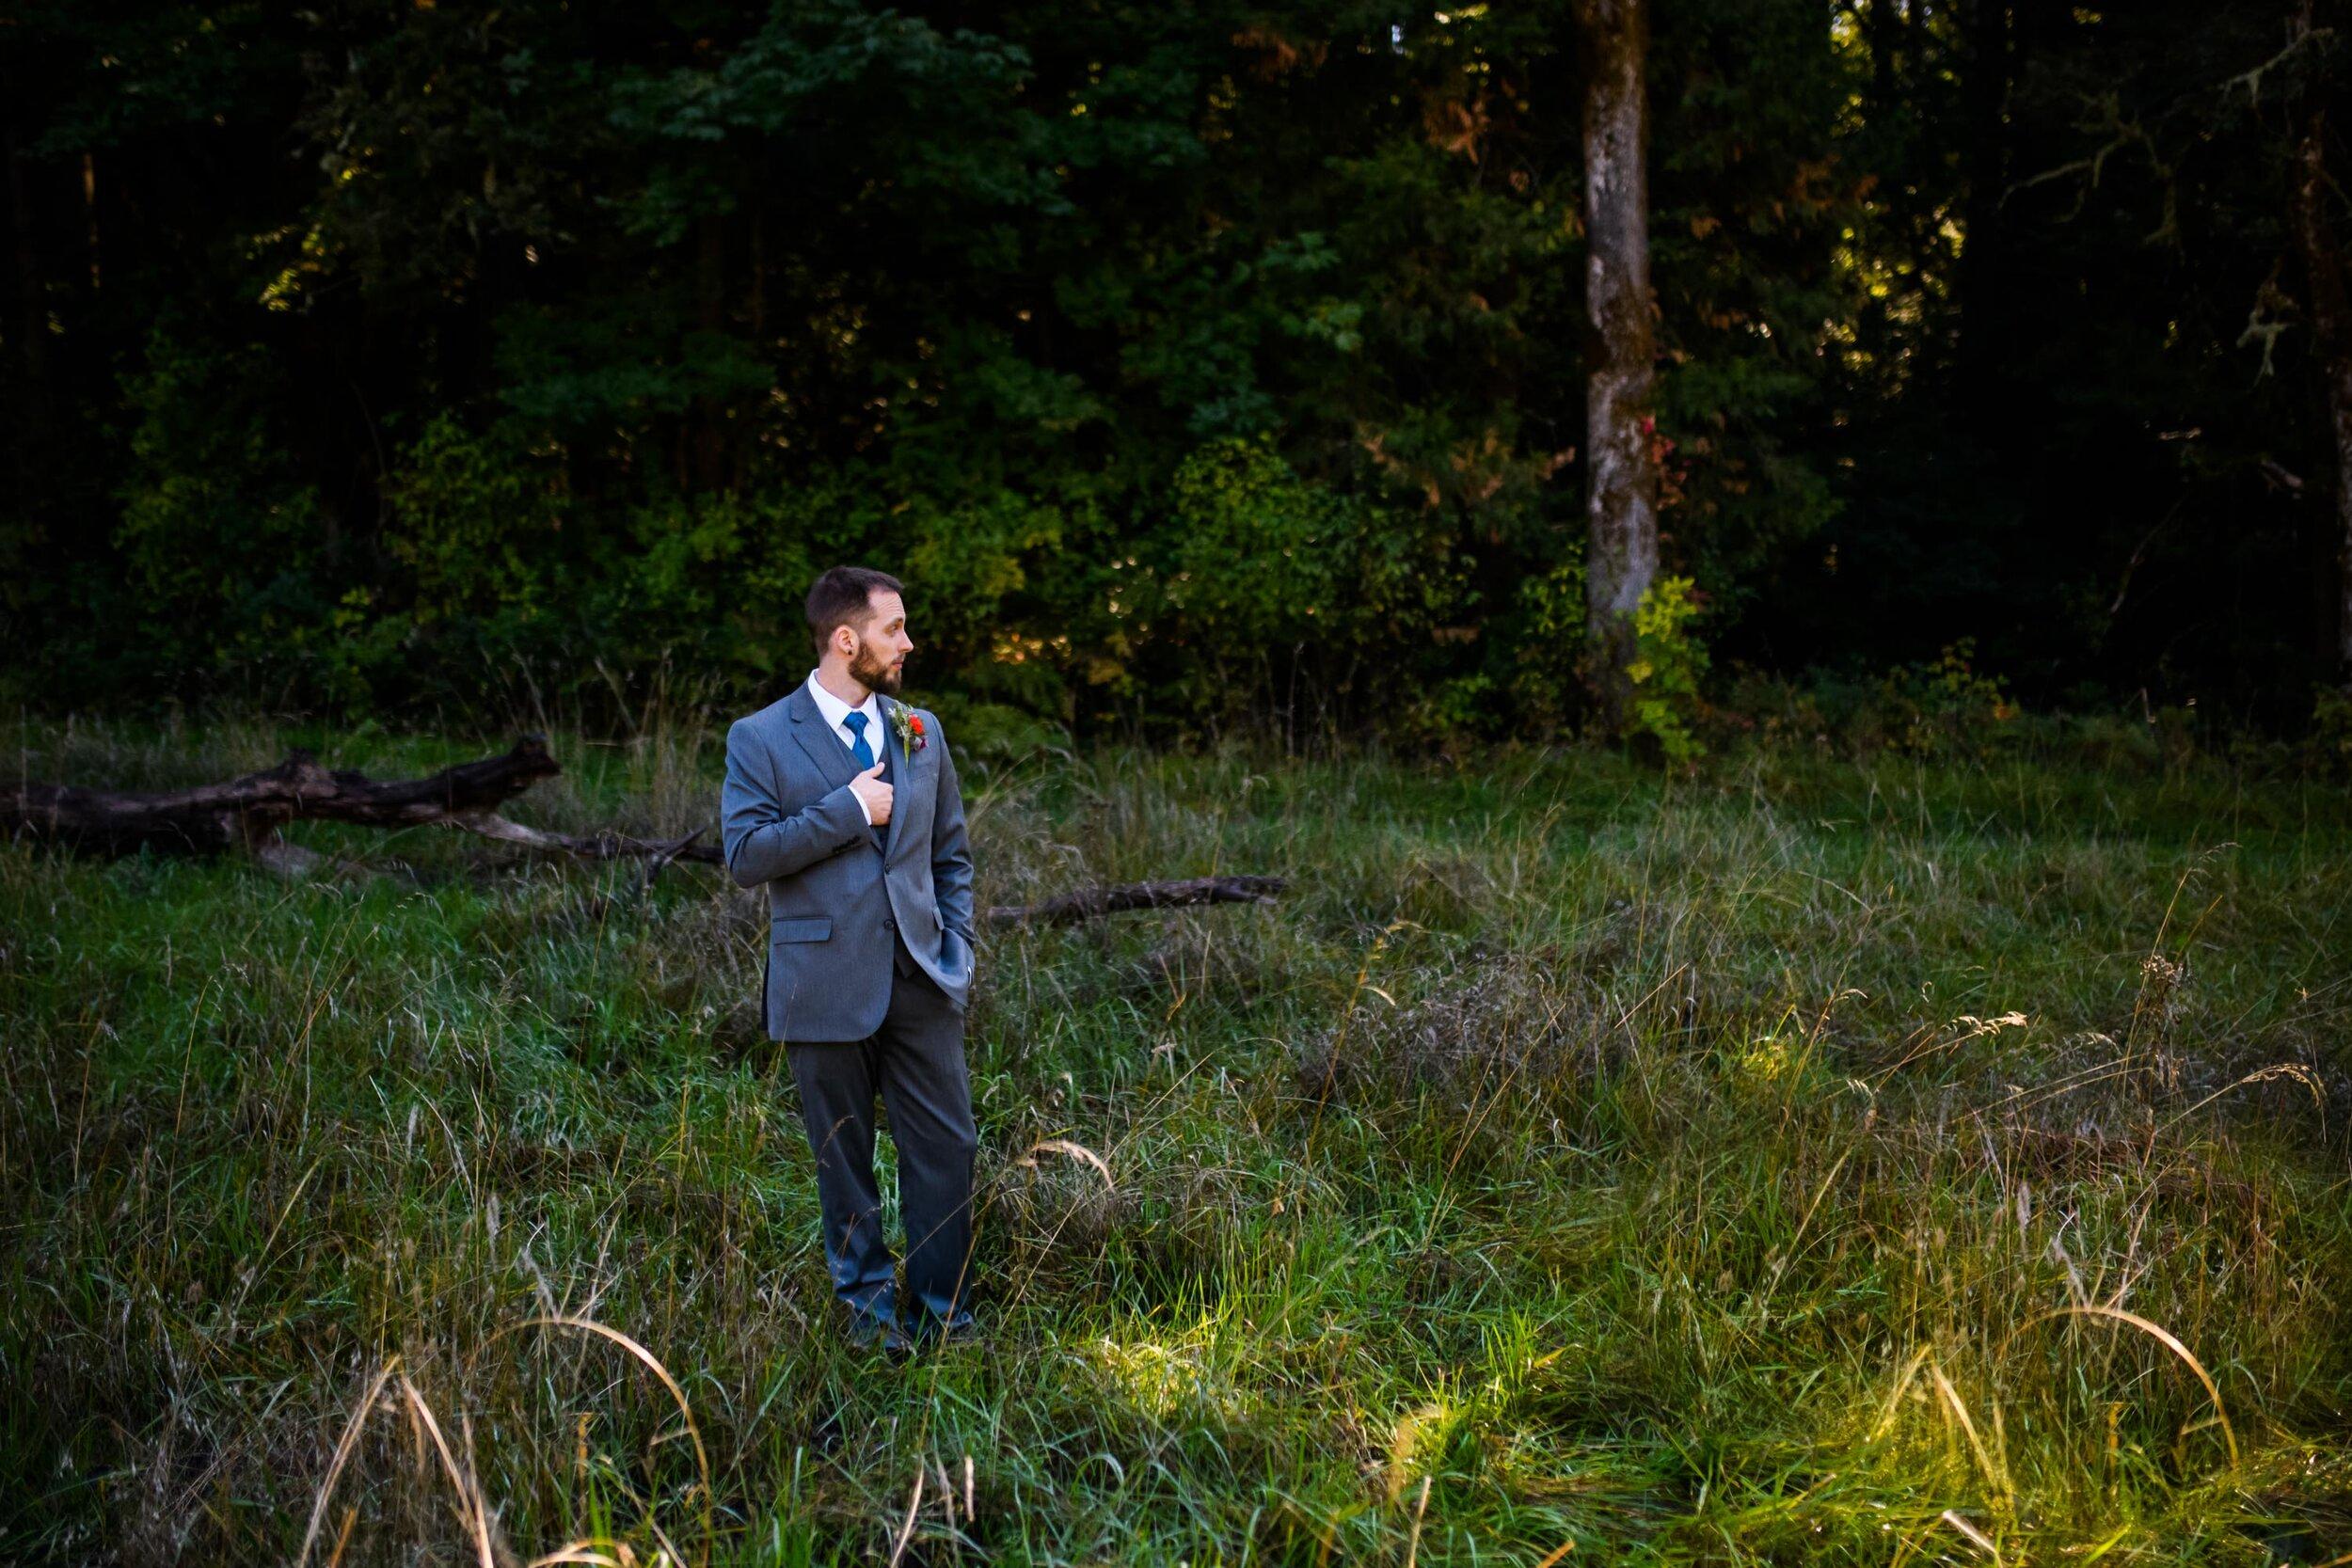 Mt. Pisgah Arboretum wedding photos 10.JPG